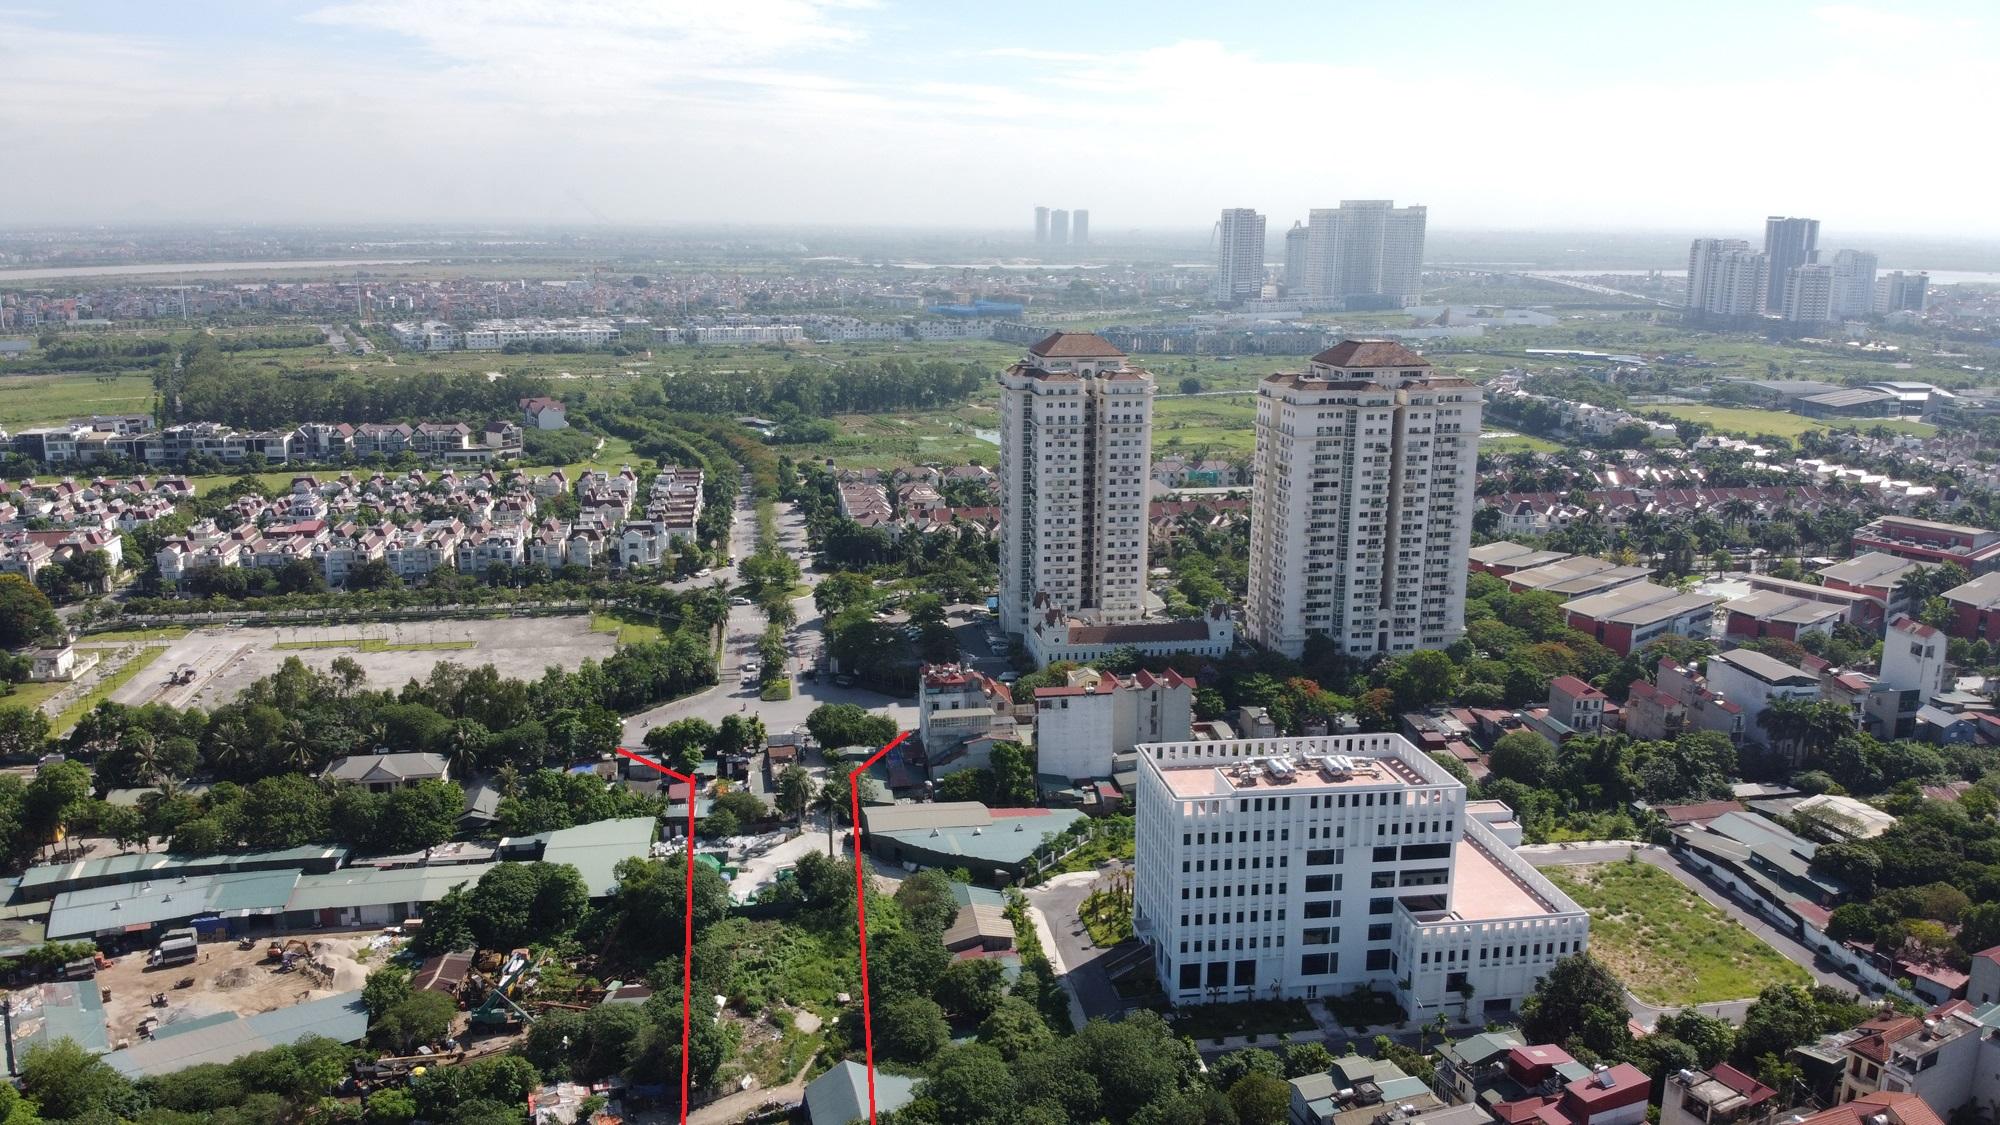 Cầu vượt nút giao Hoàng Quốc Việt - Nguyễn Văn Huyên sắp thông xe, ba khu đô thị lớn hưởng lợi - Ảnh 12.